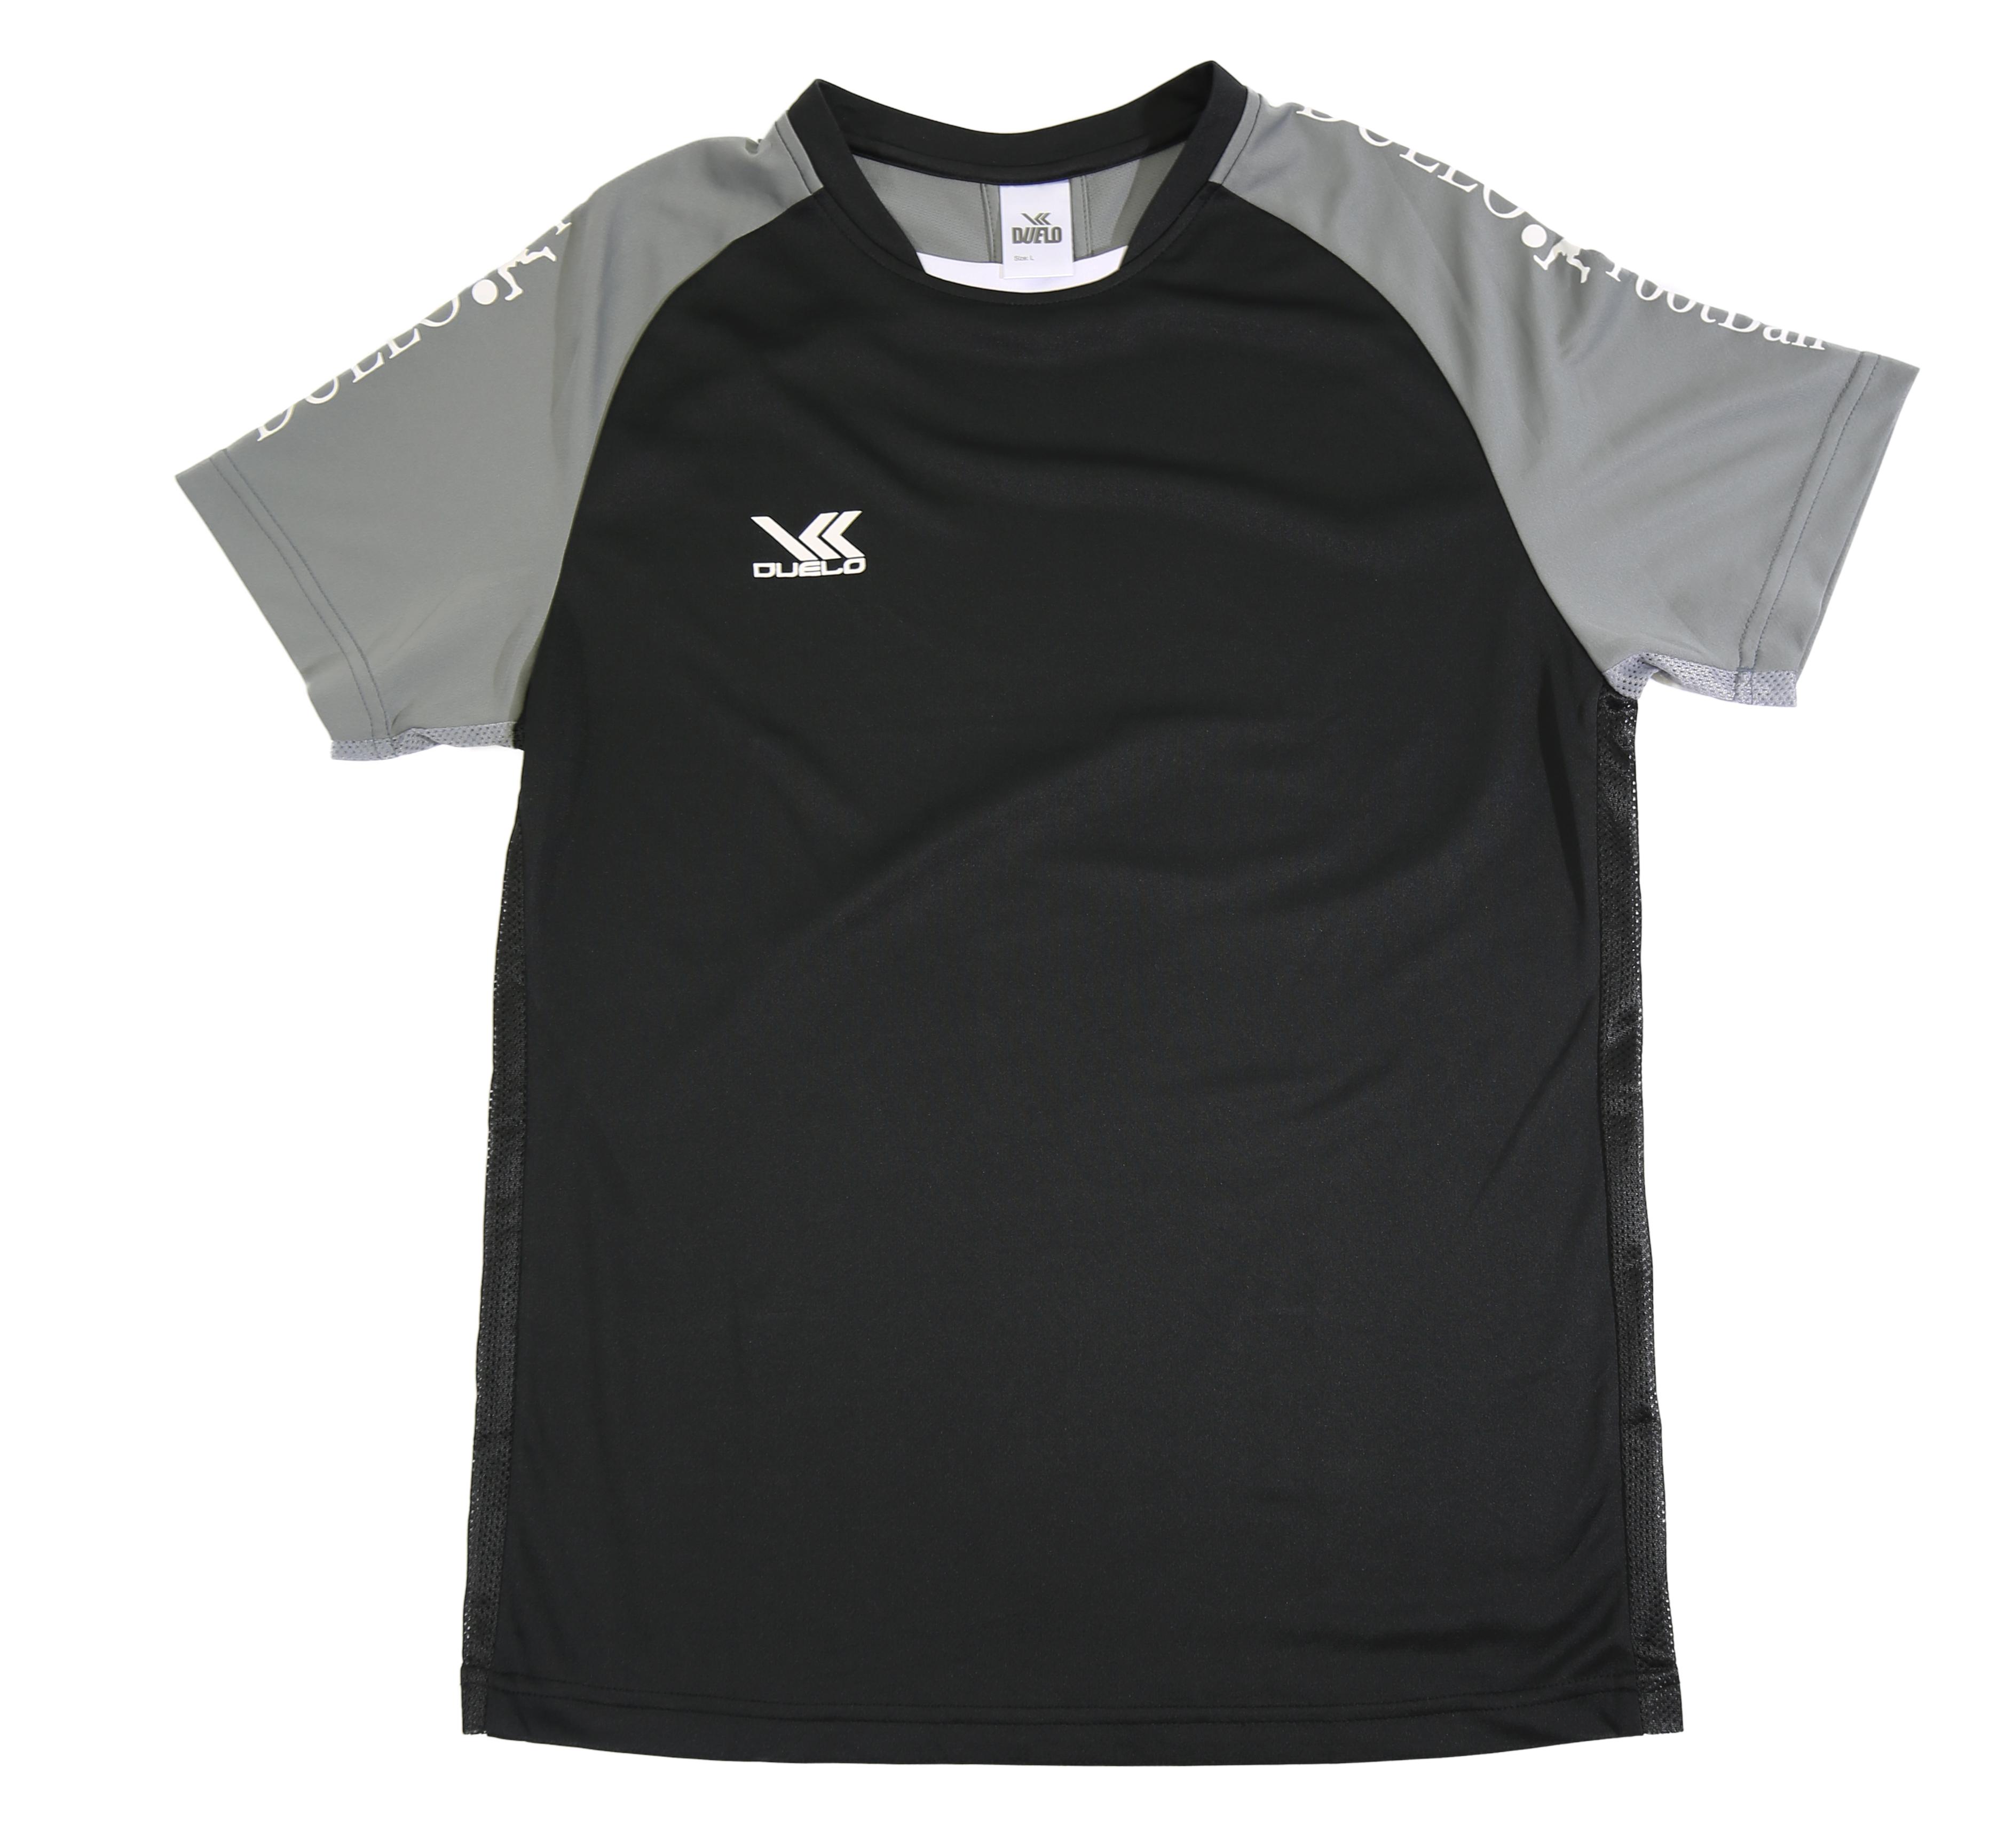 D-032 S/S Practice Shirt  BLK/GRY